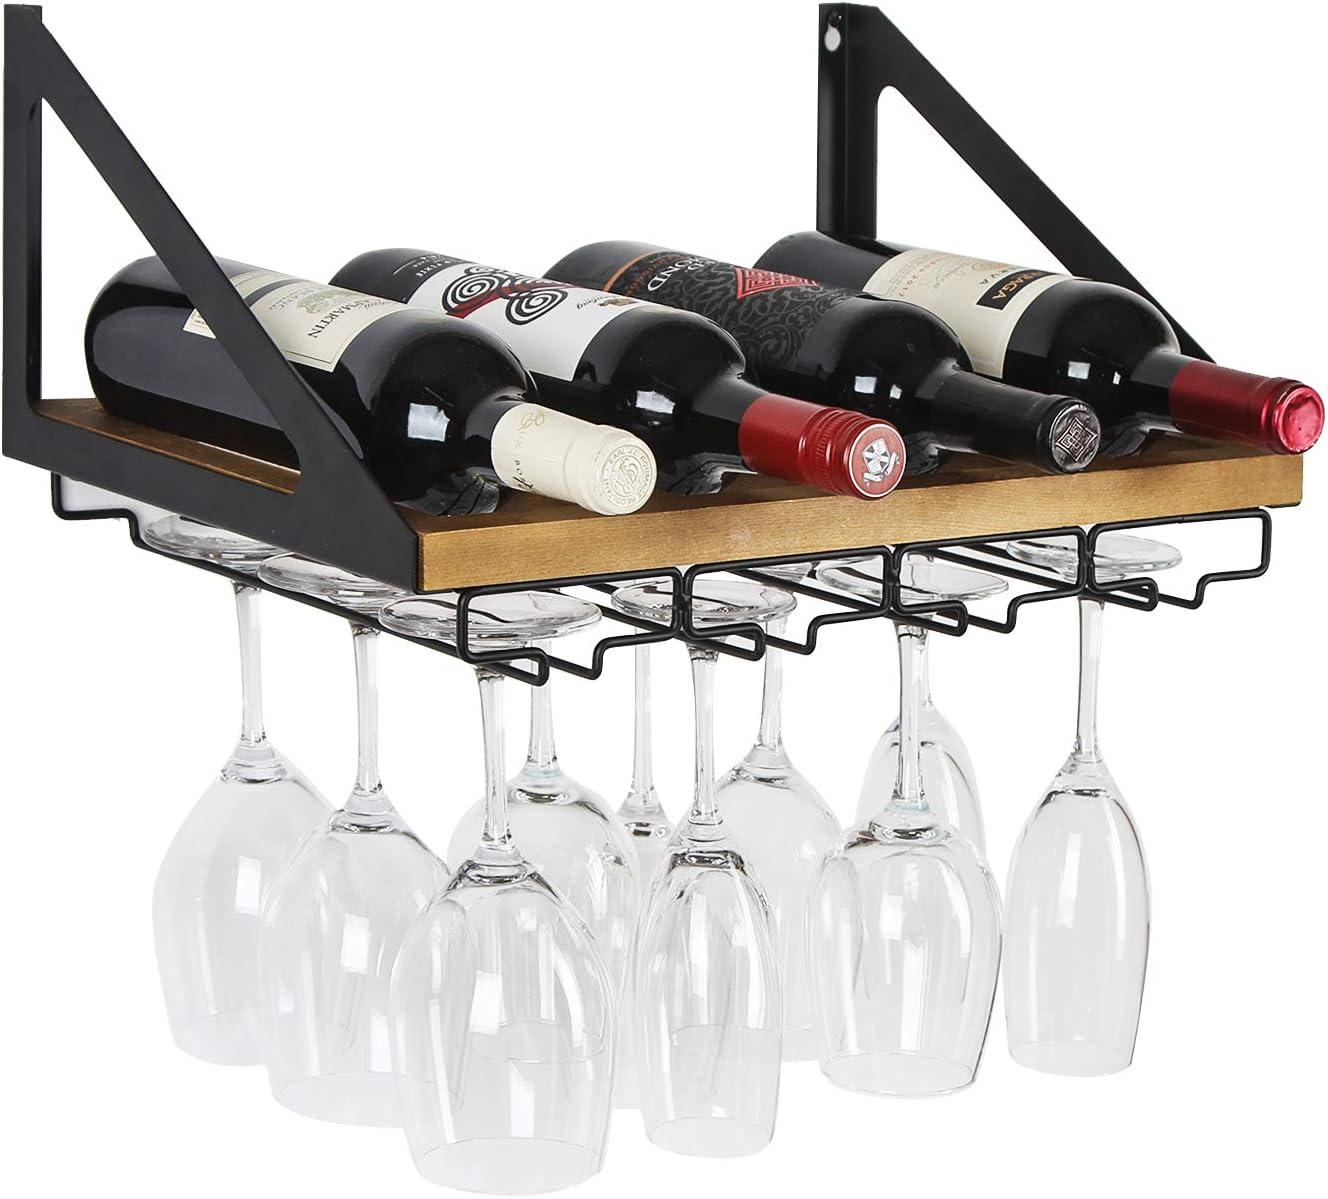 Glass Holder Bottle Hanging Type Home Decorations Metal Bracket Wine Rack Bar UK